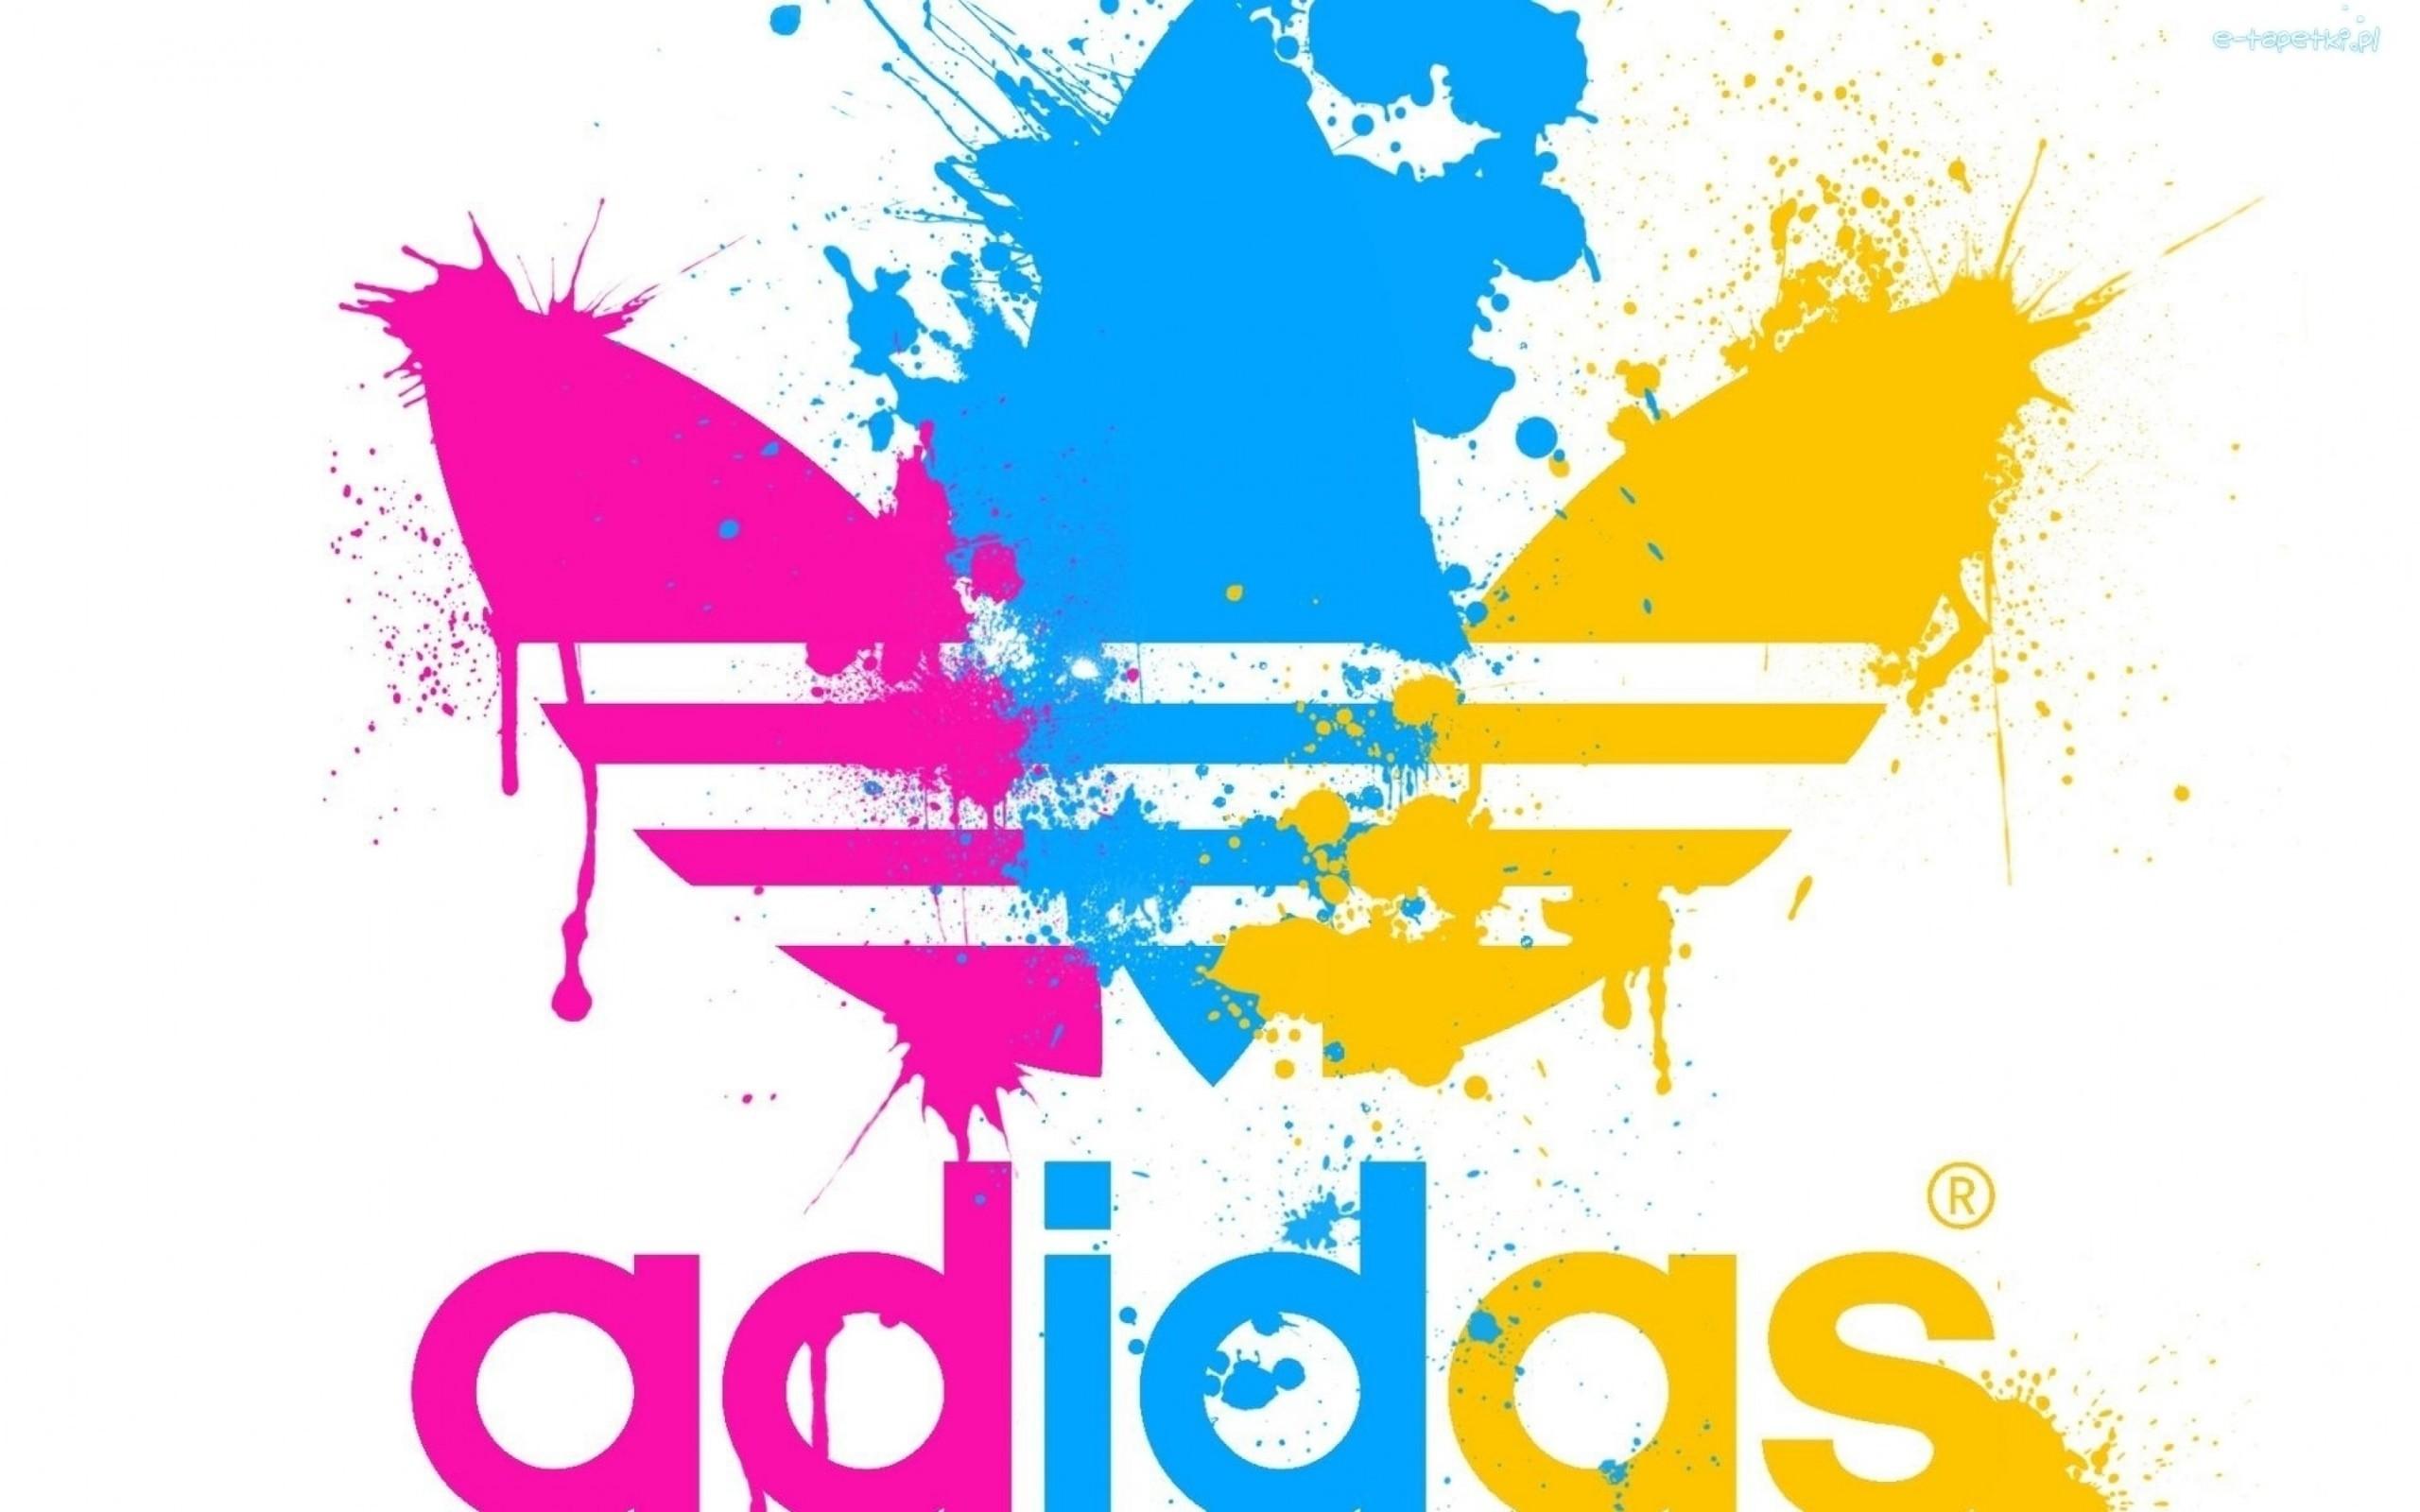 Htc One M8 Wallpaper Hd Die 72 Besten Adidas Hintergrundbilder